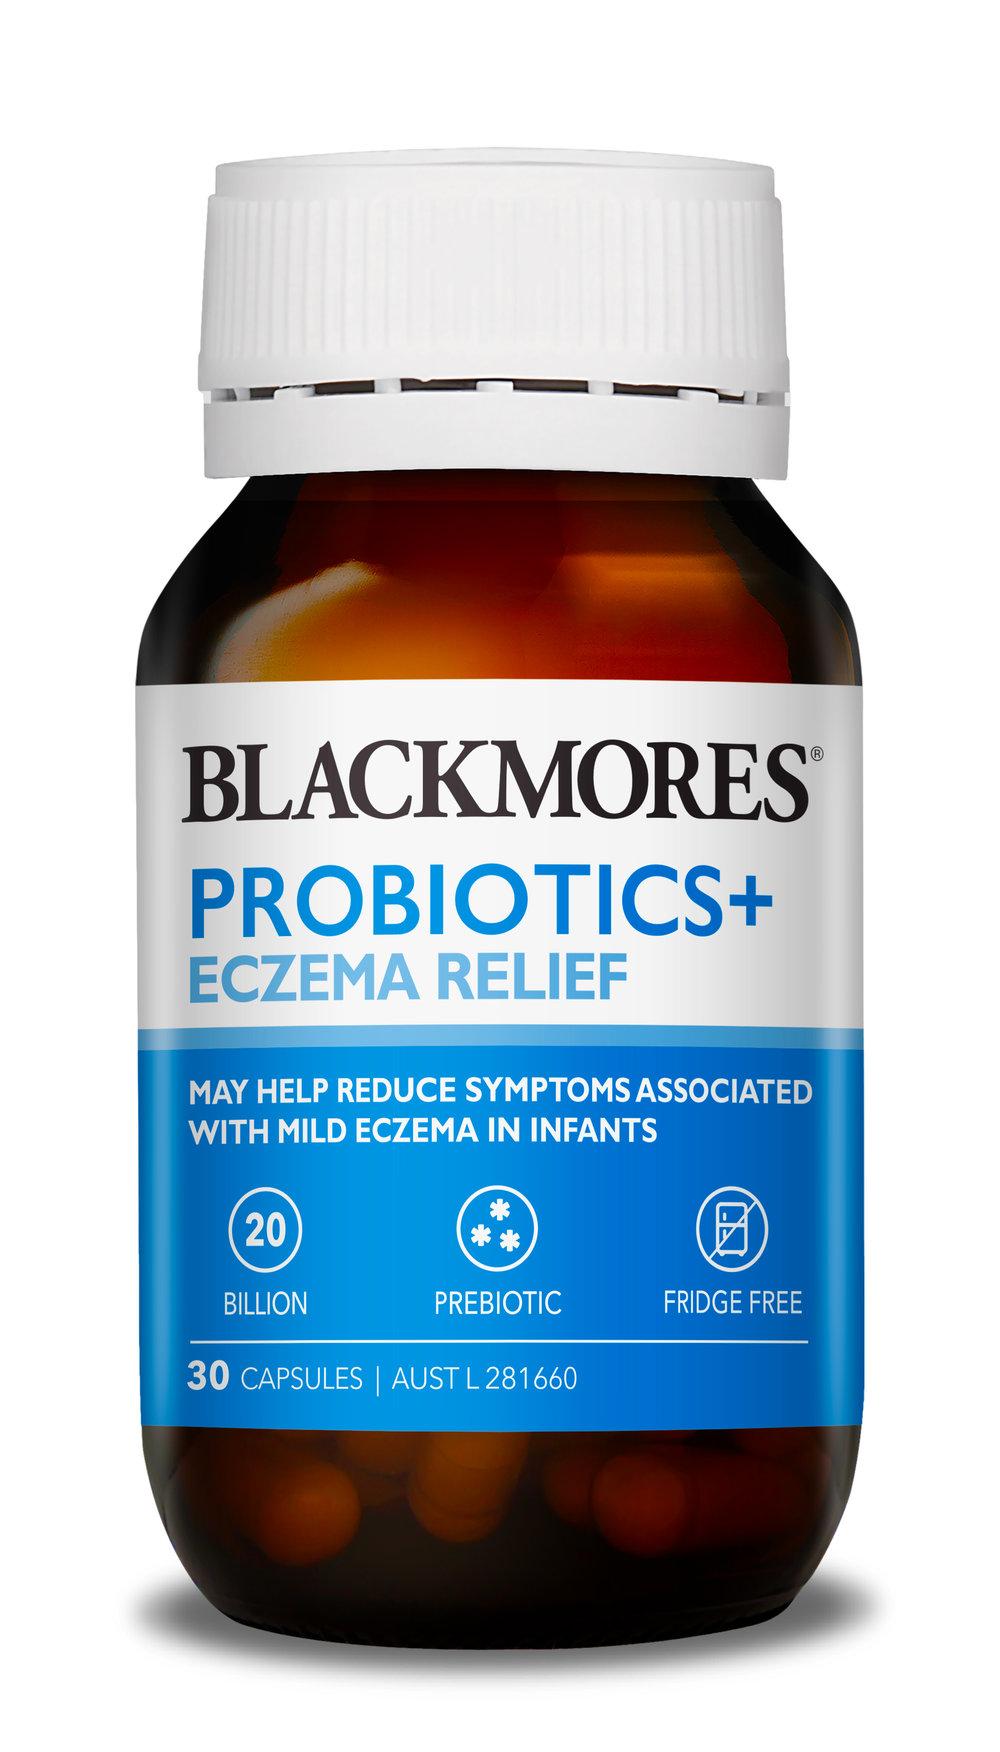 Probiotics+ Eczema Relief (30).jpg